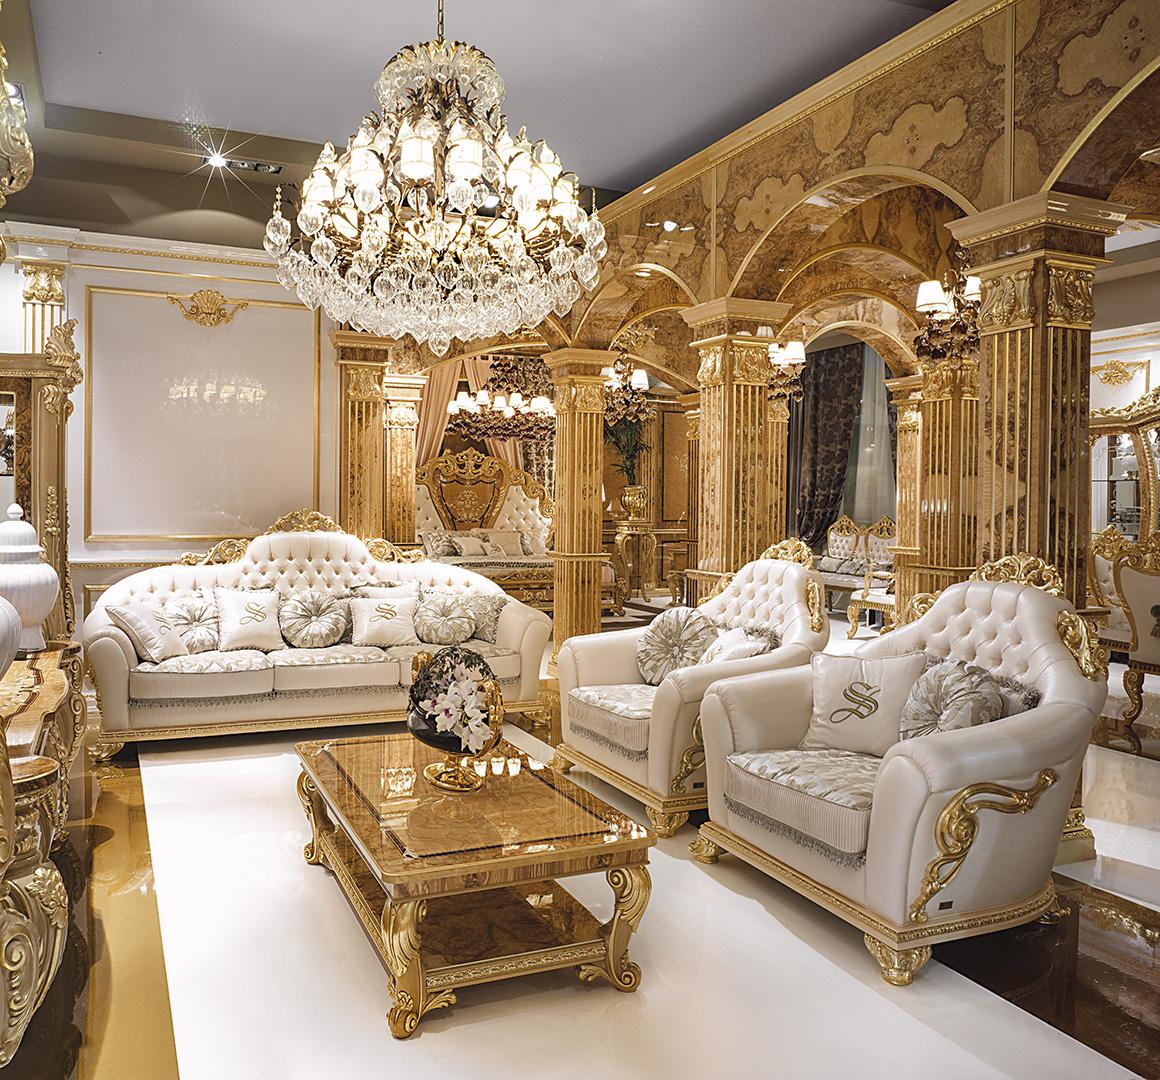 Grand Palace Socci Anchise Mobili